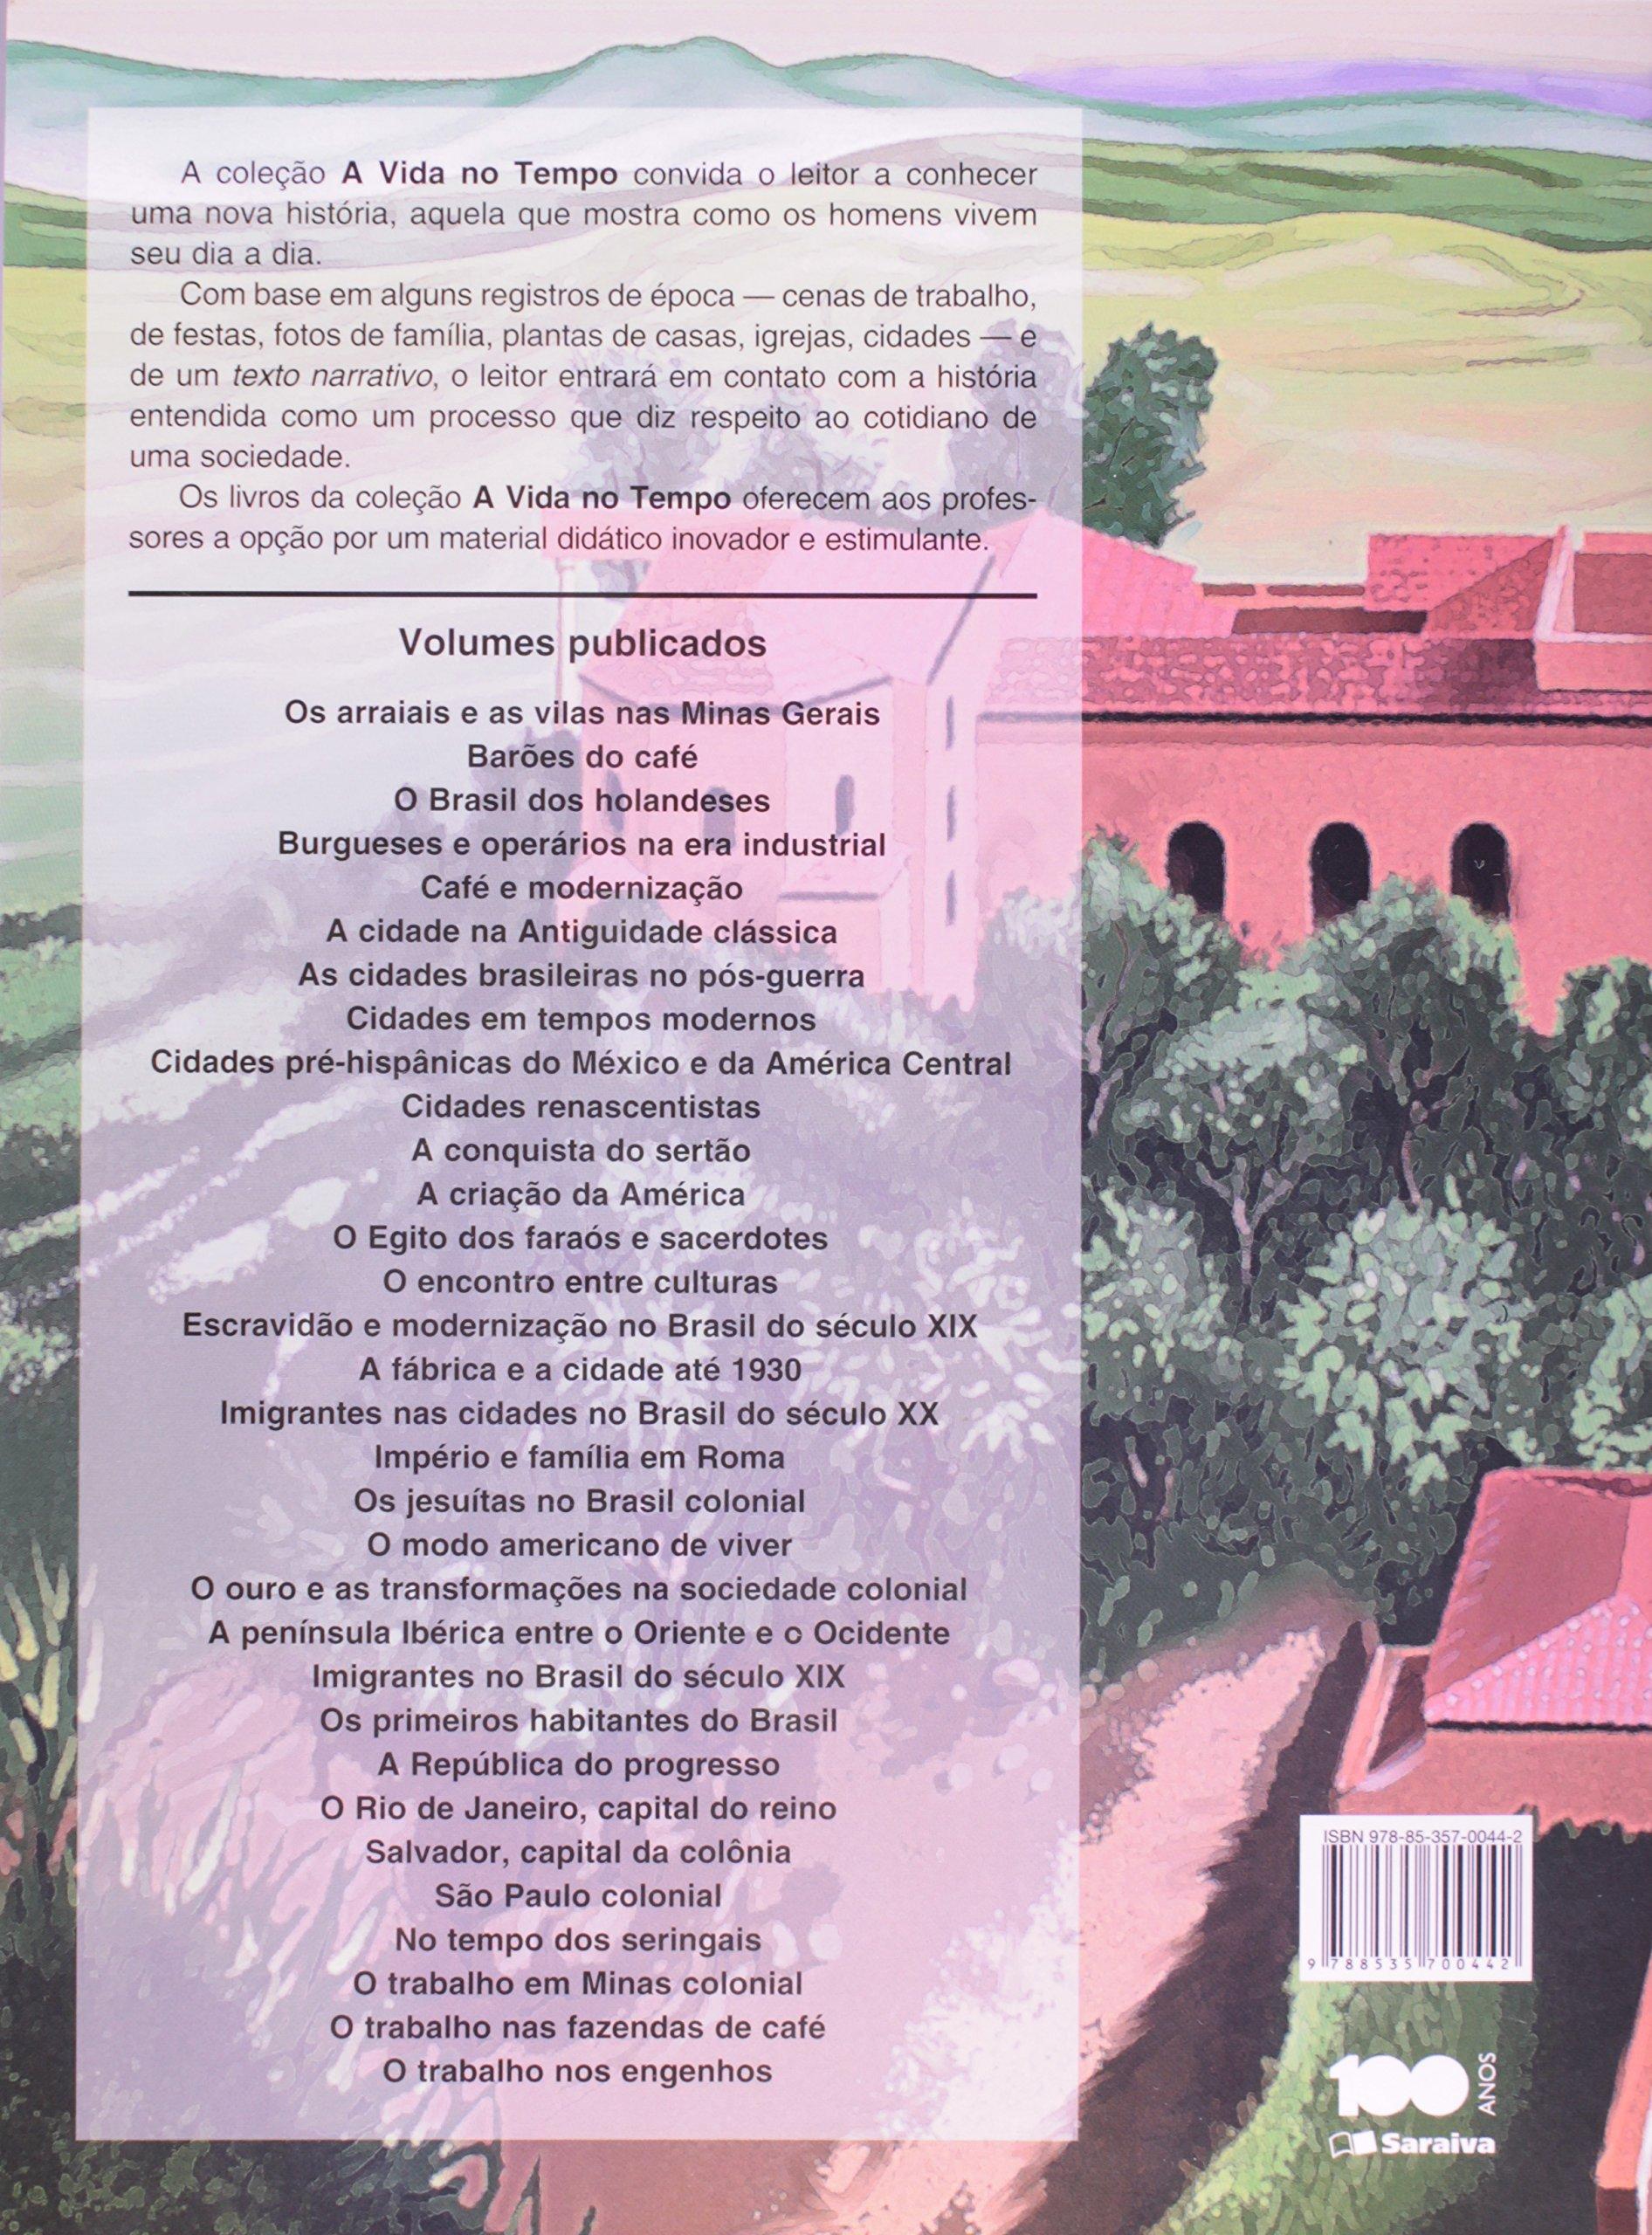 Imperio e Familia em Roma: A Vida no Tempo dos Deuses: Pedro Paulo Abreu Funari: 9788535700442: Amazon.com: Books